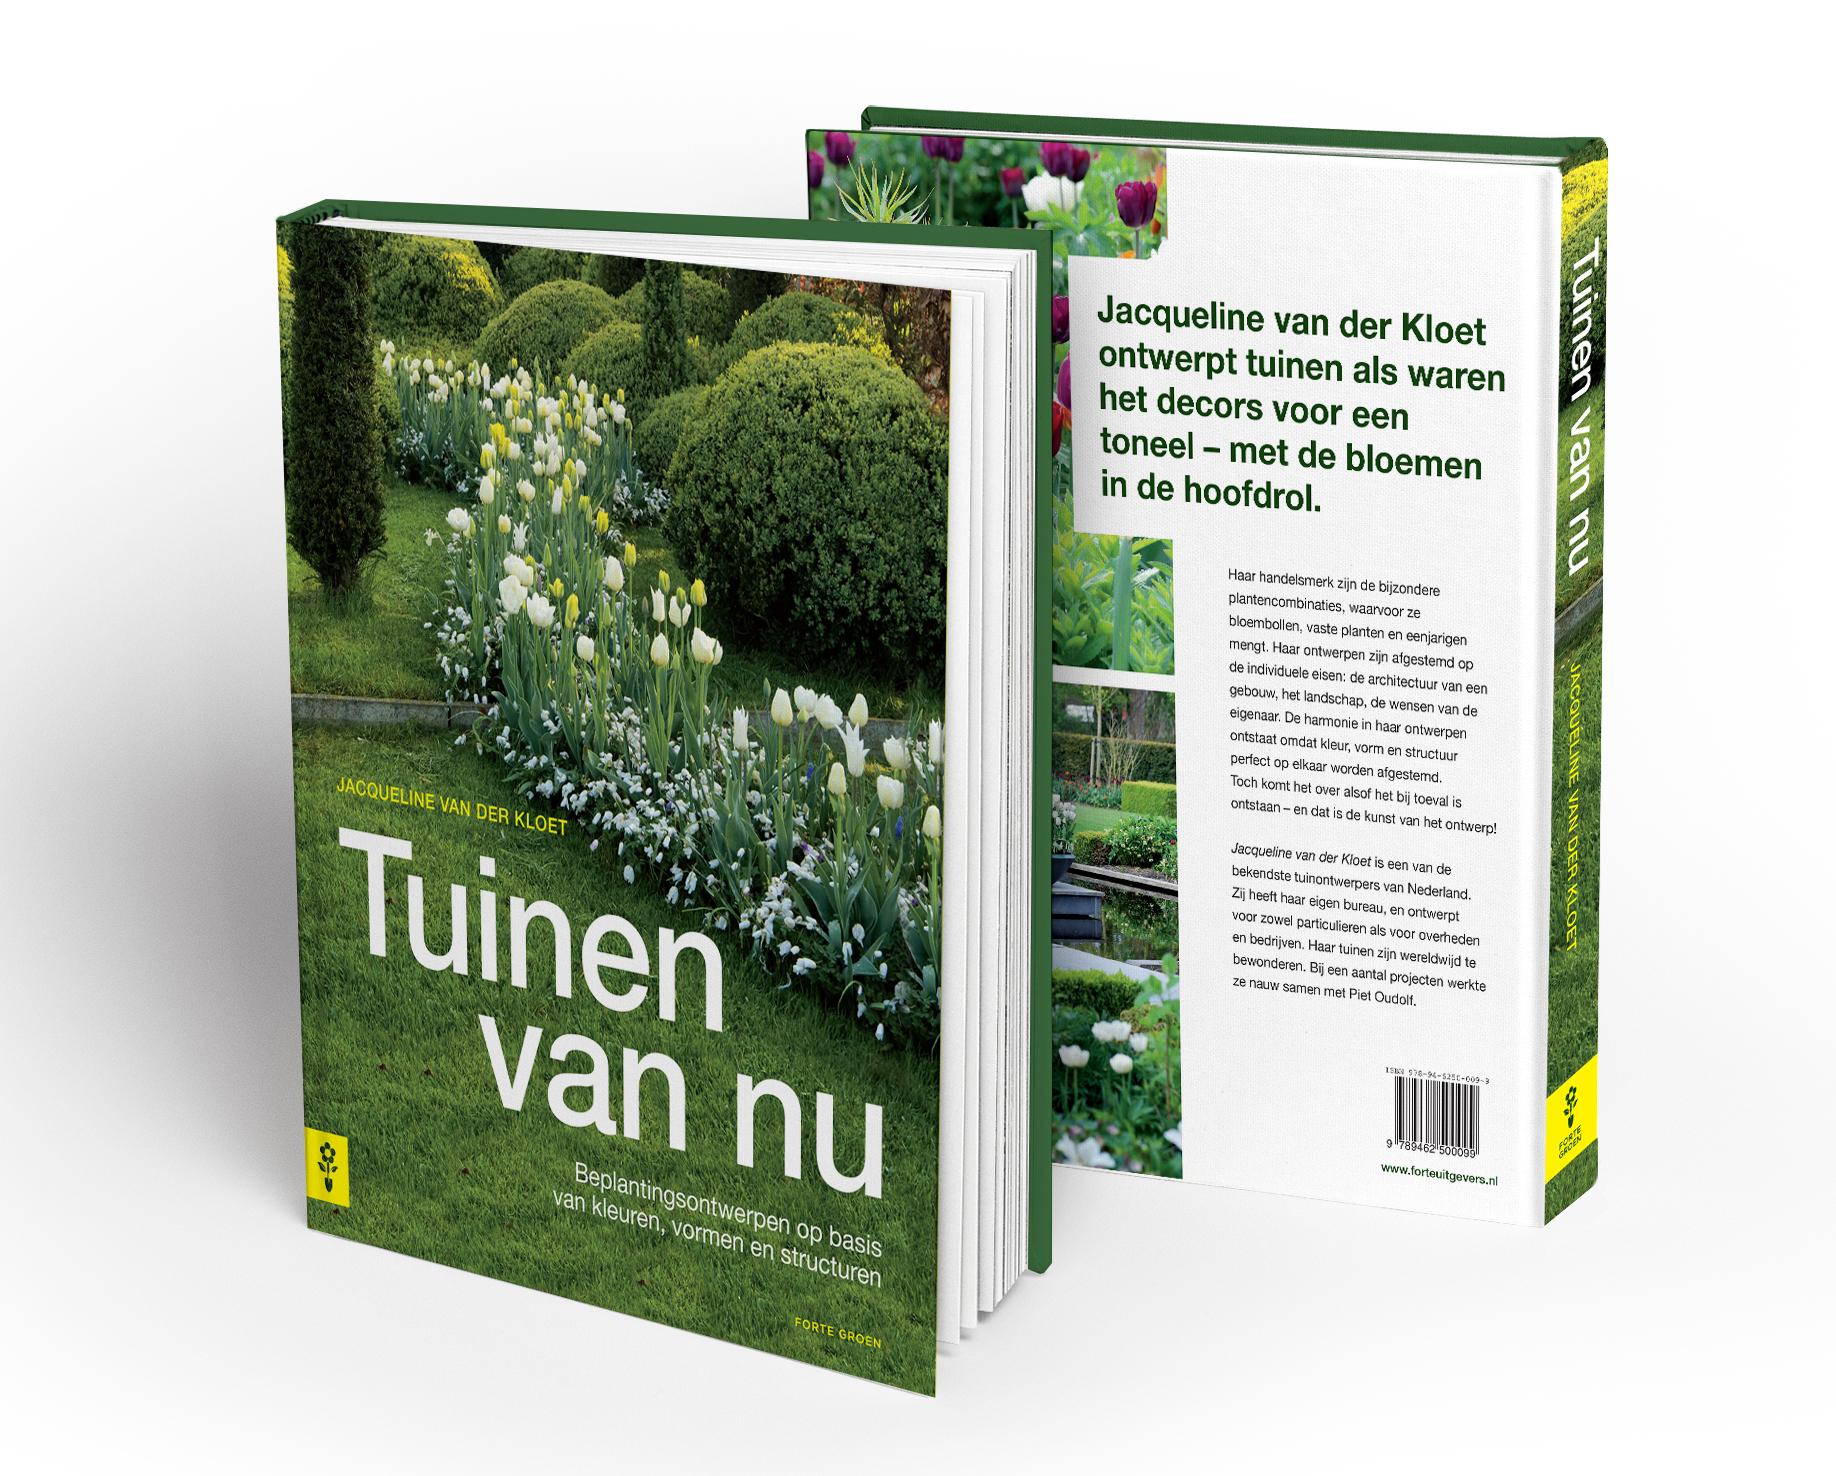 TUINEVAN_NUboeken.jpg